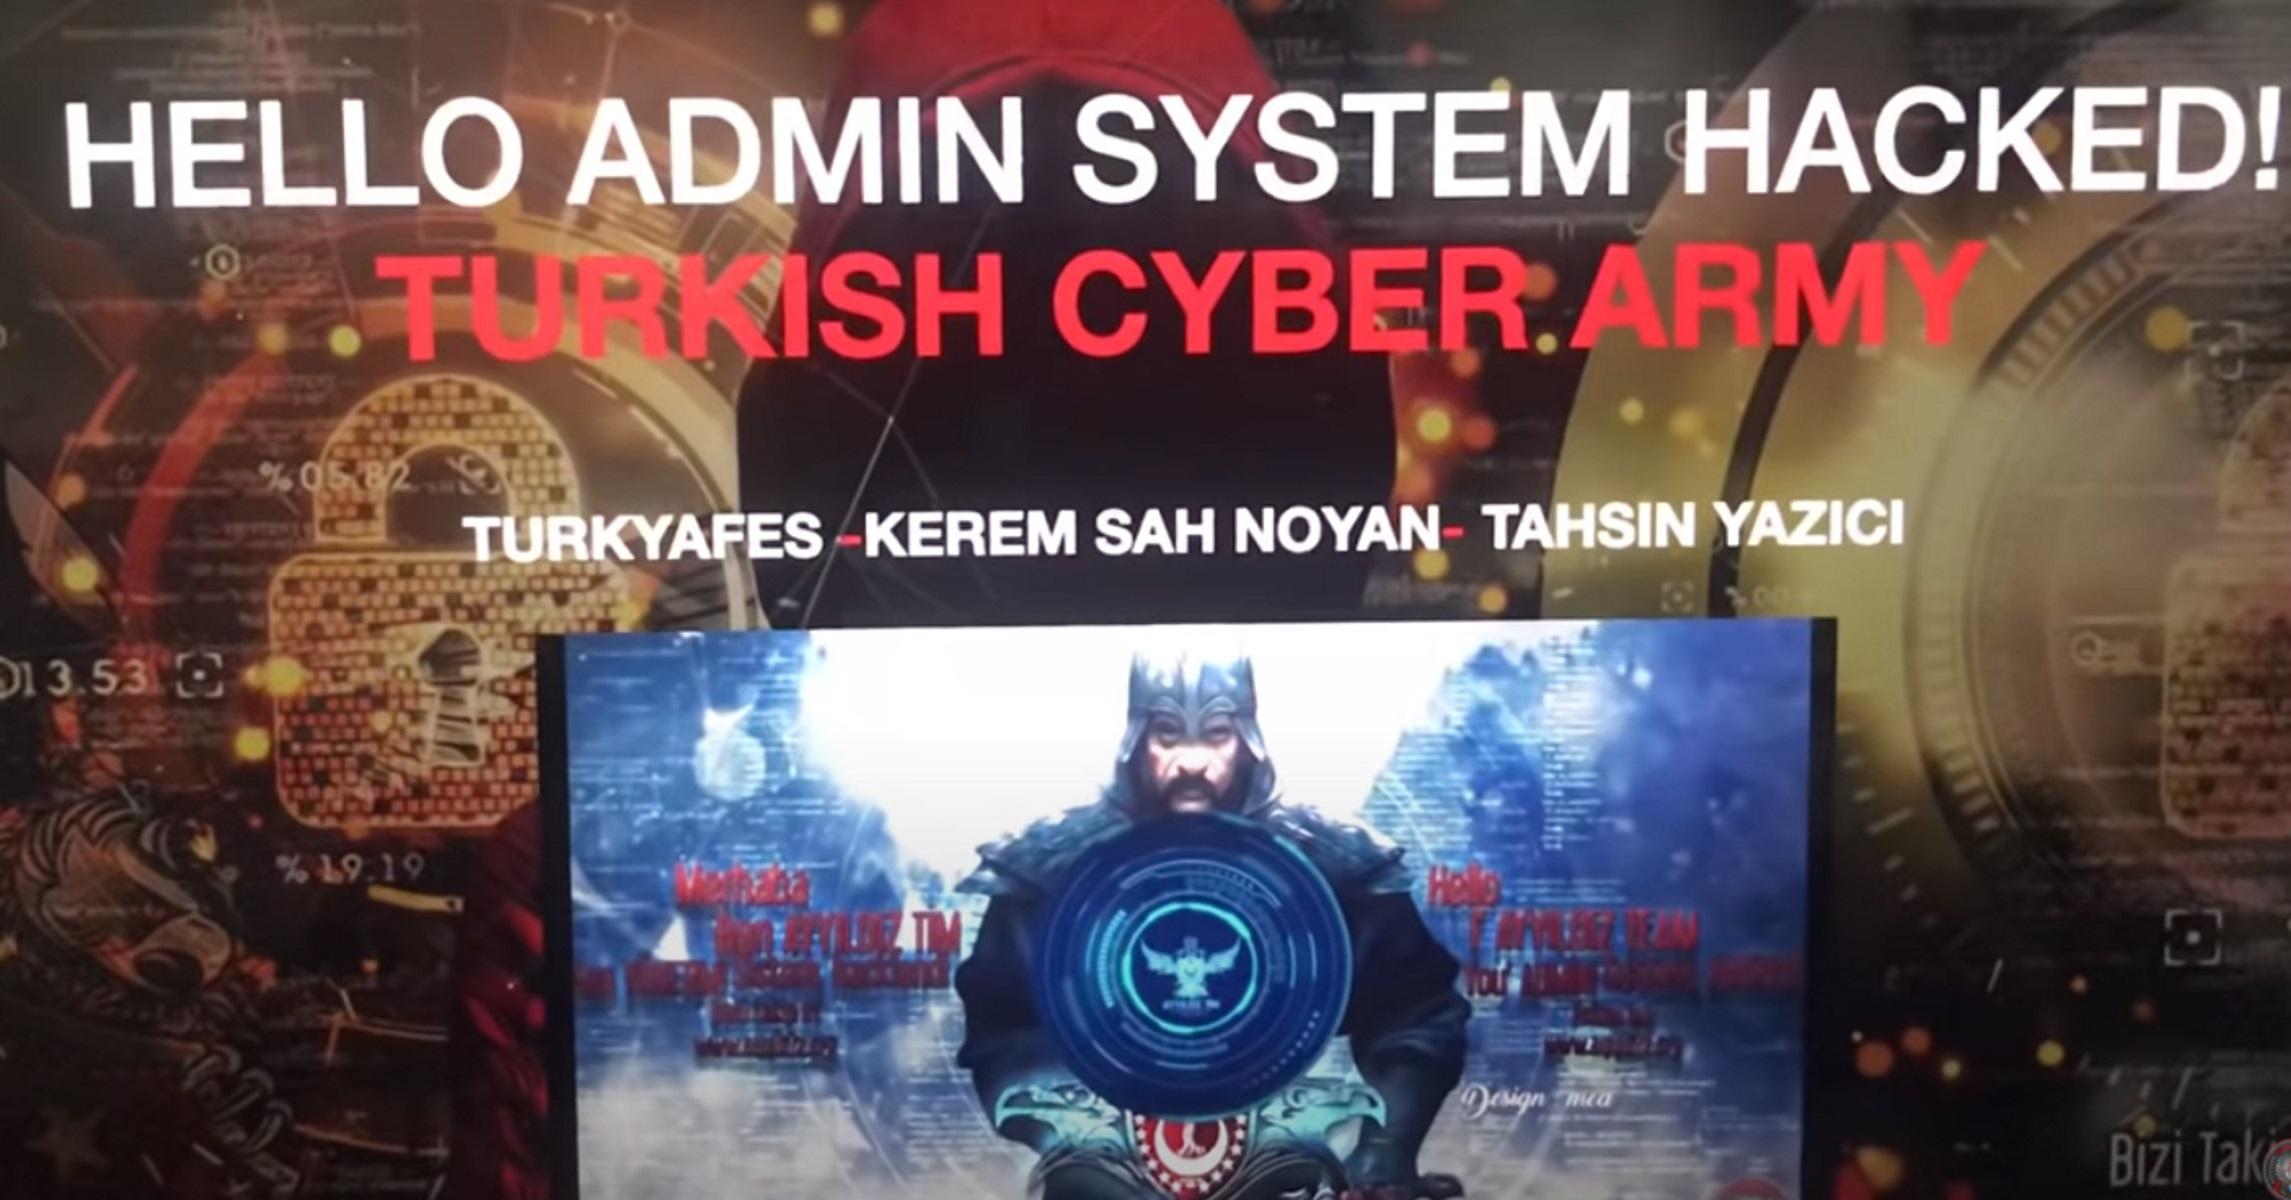 Τούρκοι χάκερς έριξαν την ιστοσελίδα του υπουργείο Ανάπτυξης